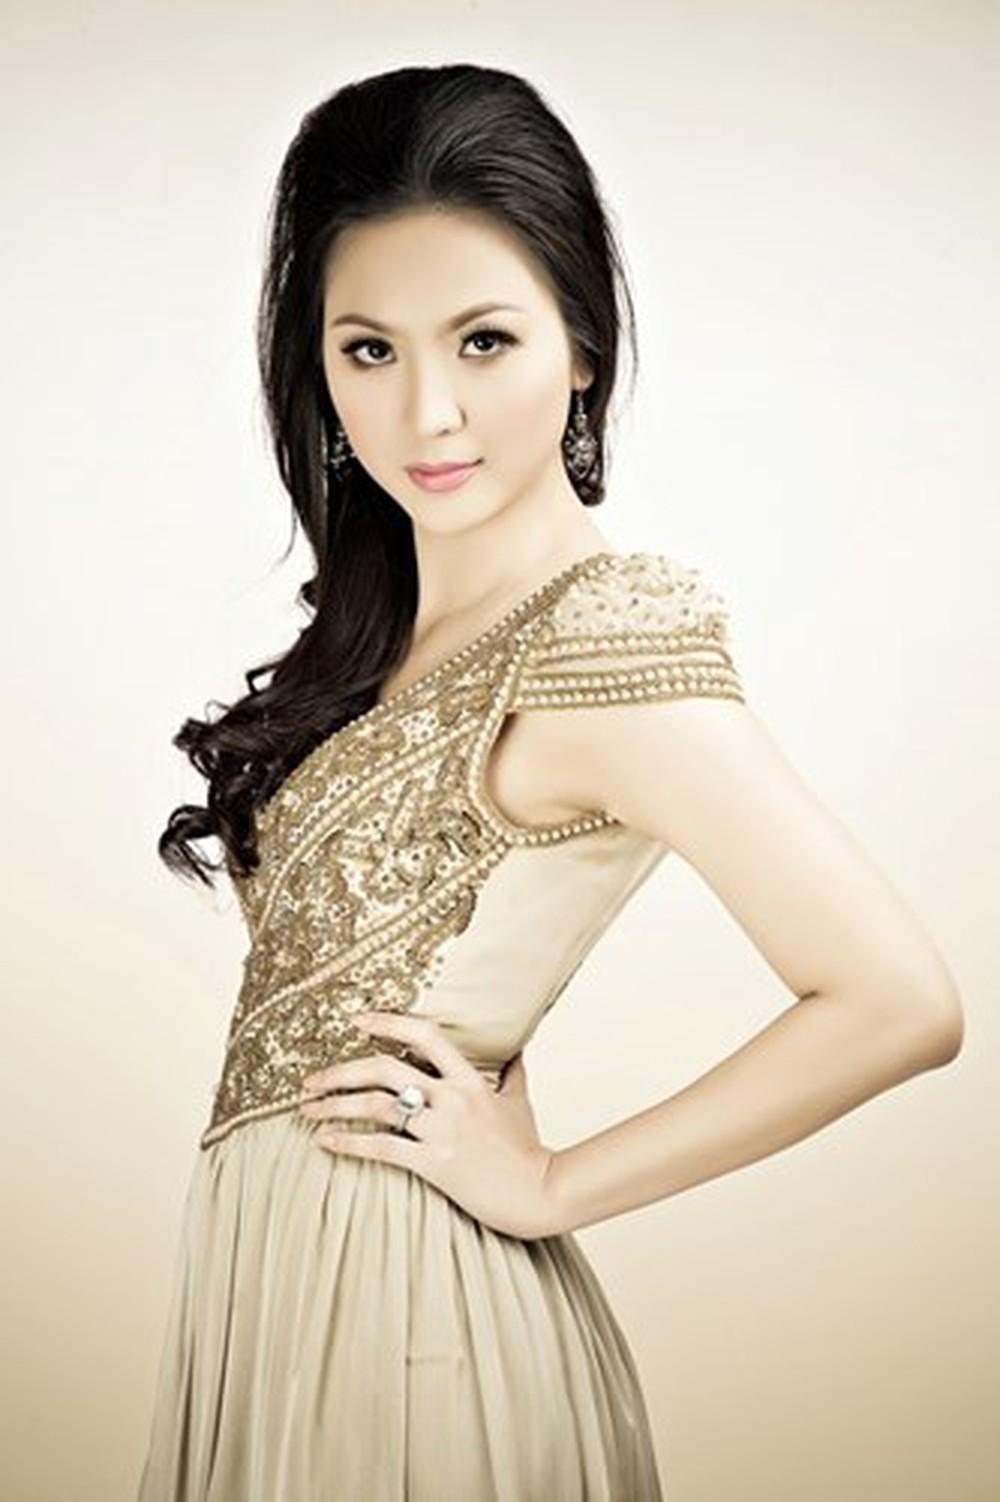 Vẻ đẹp thuần khiết của 16 cô gái thuở mới đăng quang Hoa hậu Việt Nam: Chờ đợi nhan sắc kế nhiệm Tiểu Vy Ảnh 21